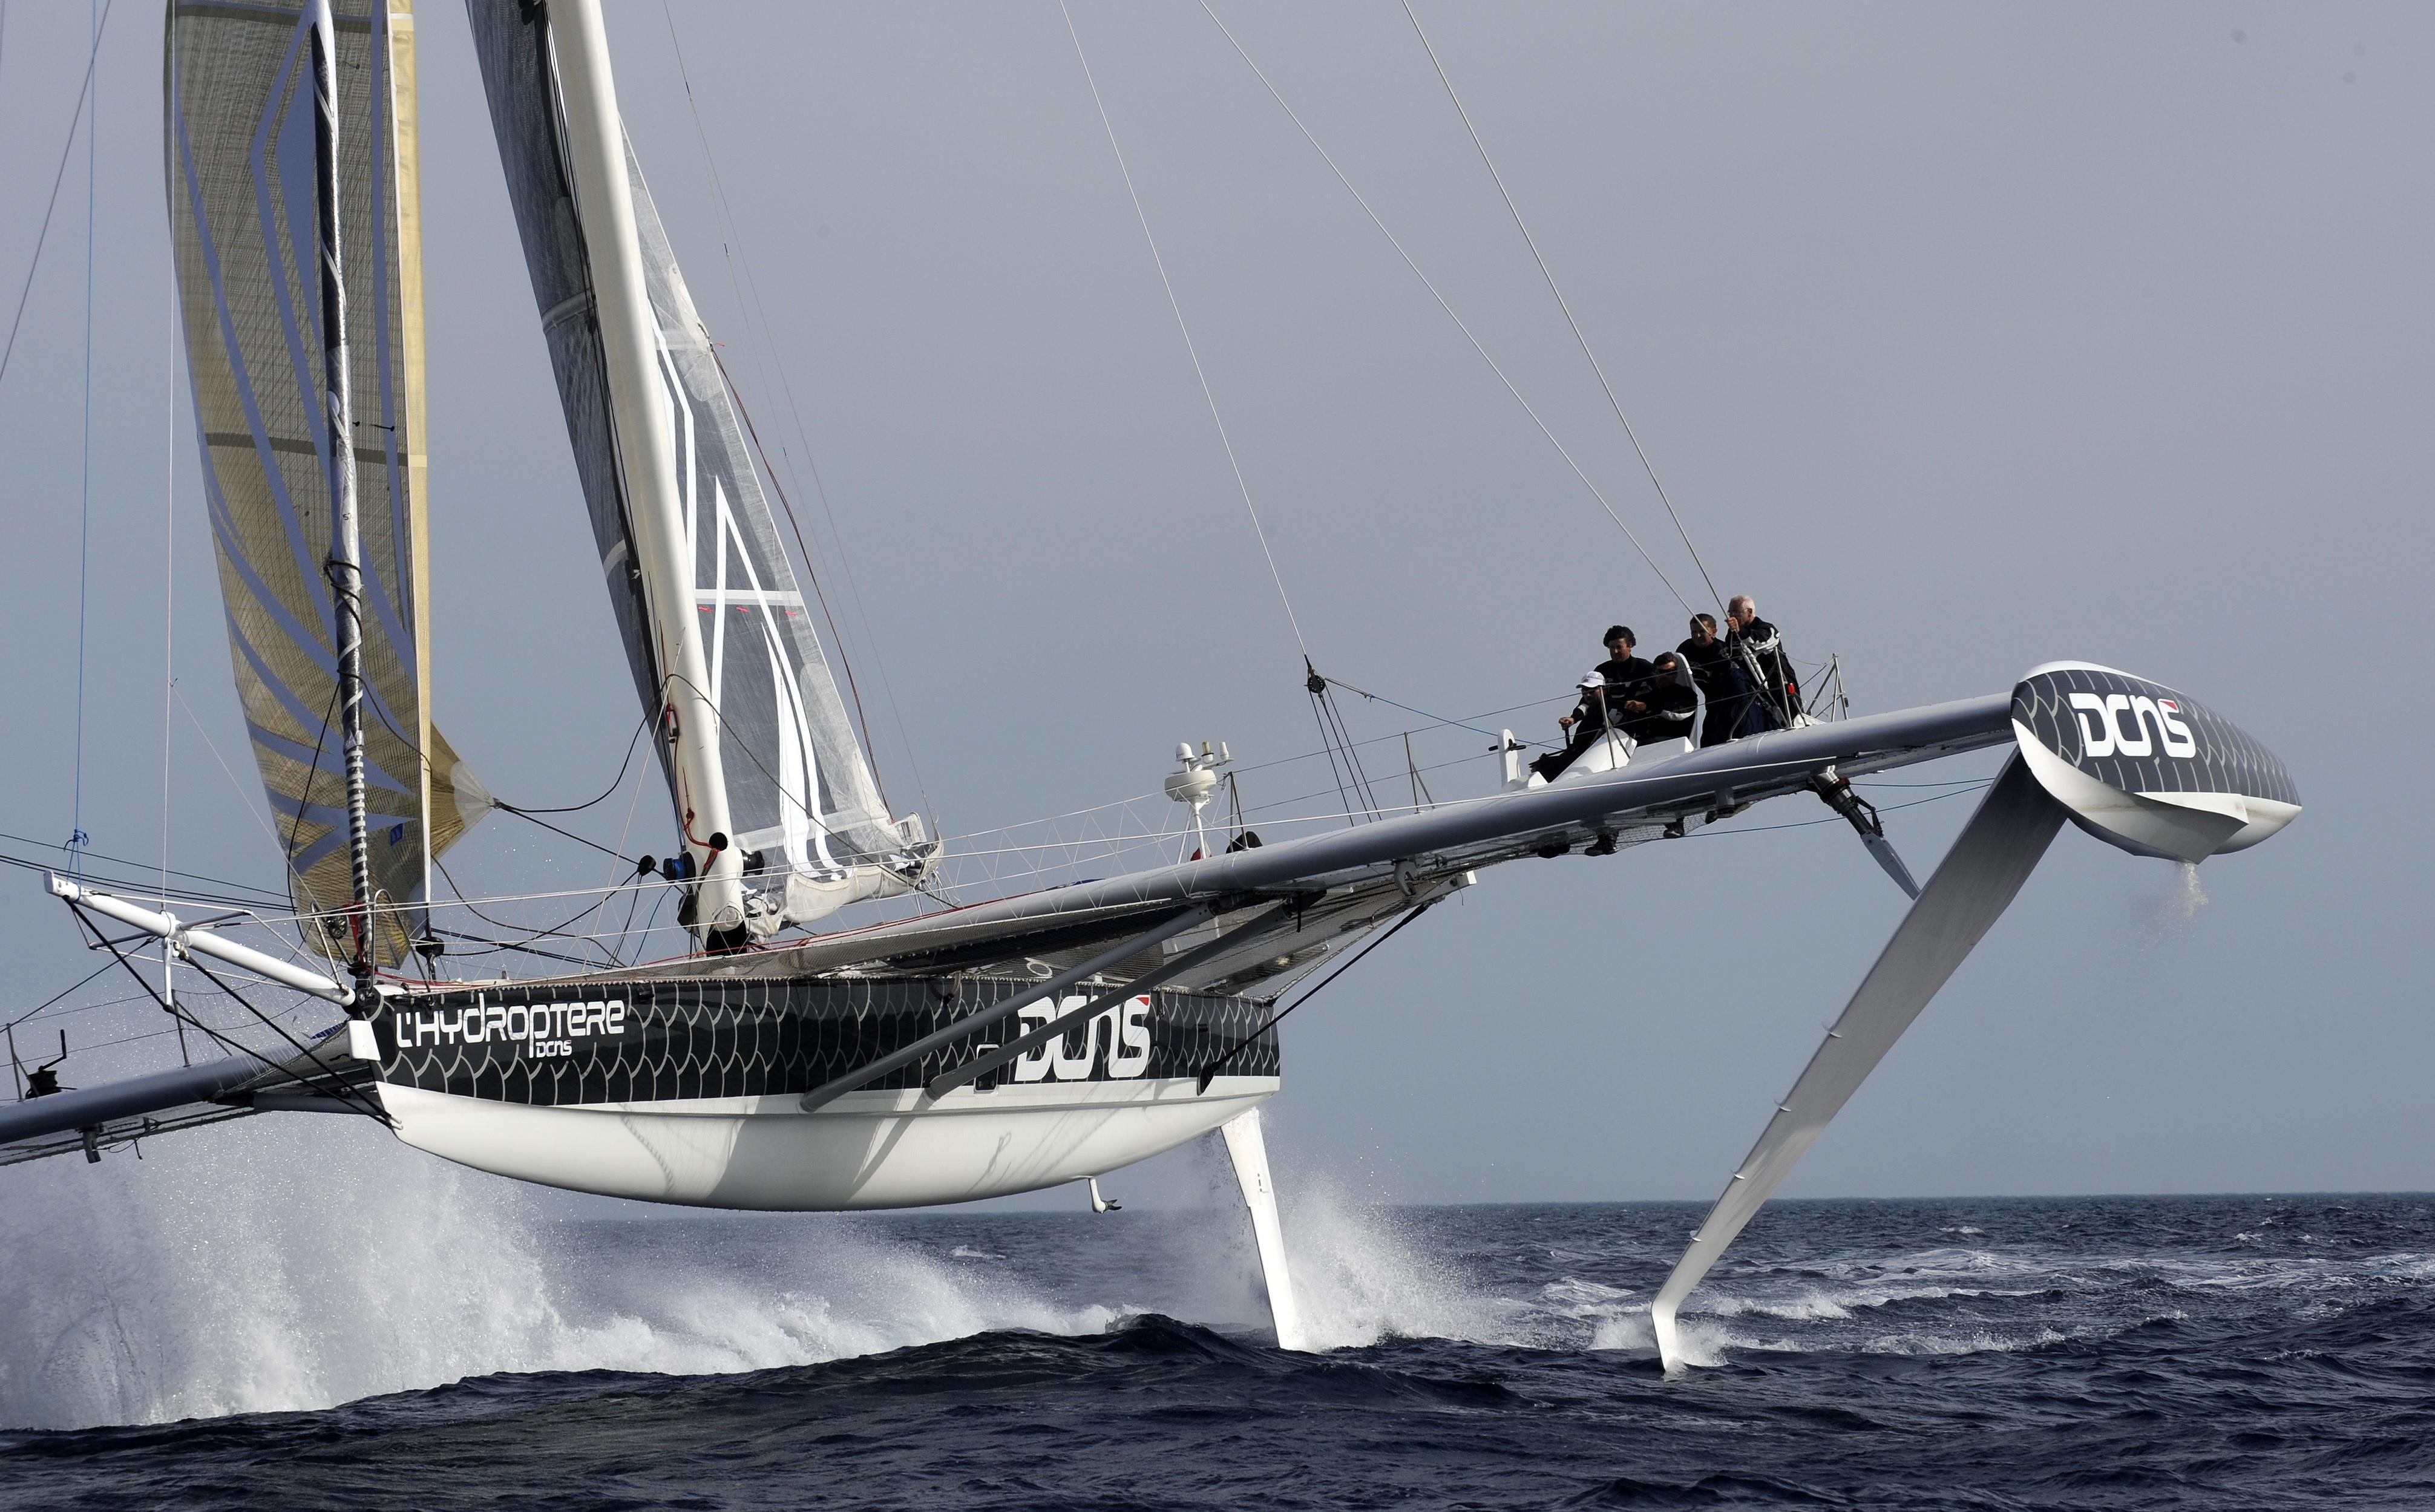 Les 5 corsaires de l'Hydroptere pour le record du monde du Pacifique. Jacques vincent, Jean  Le Cam, Yves Parlier, Alain Thebault et Luc Alphan .